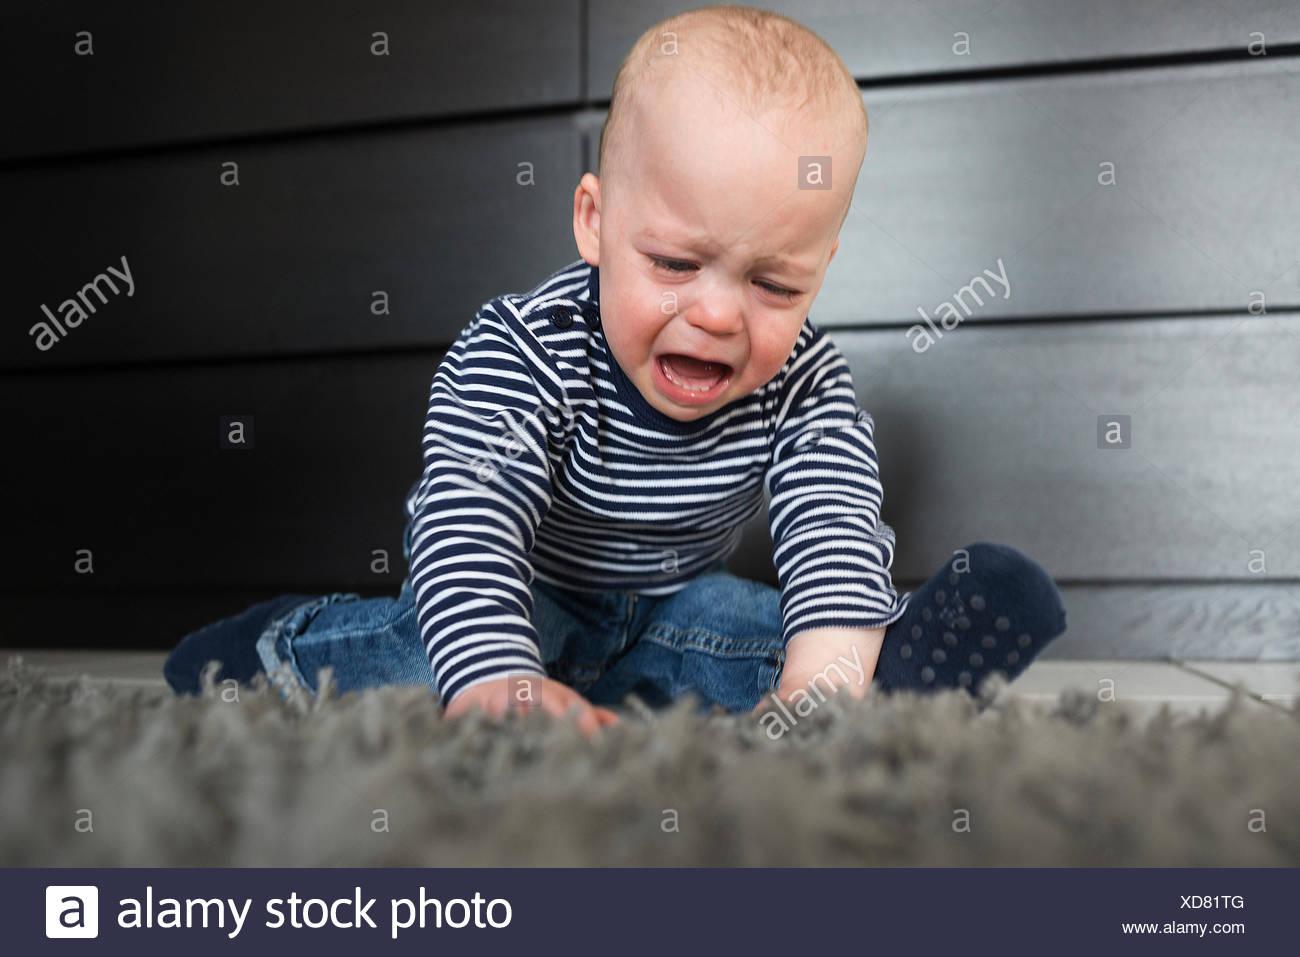 El llanto del bebé muchacho sentado sobre una alfombra en el salón Imagen De Stock